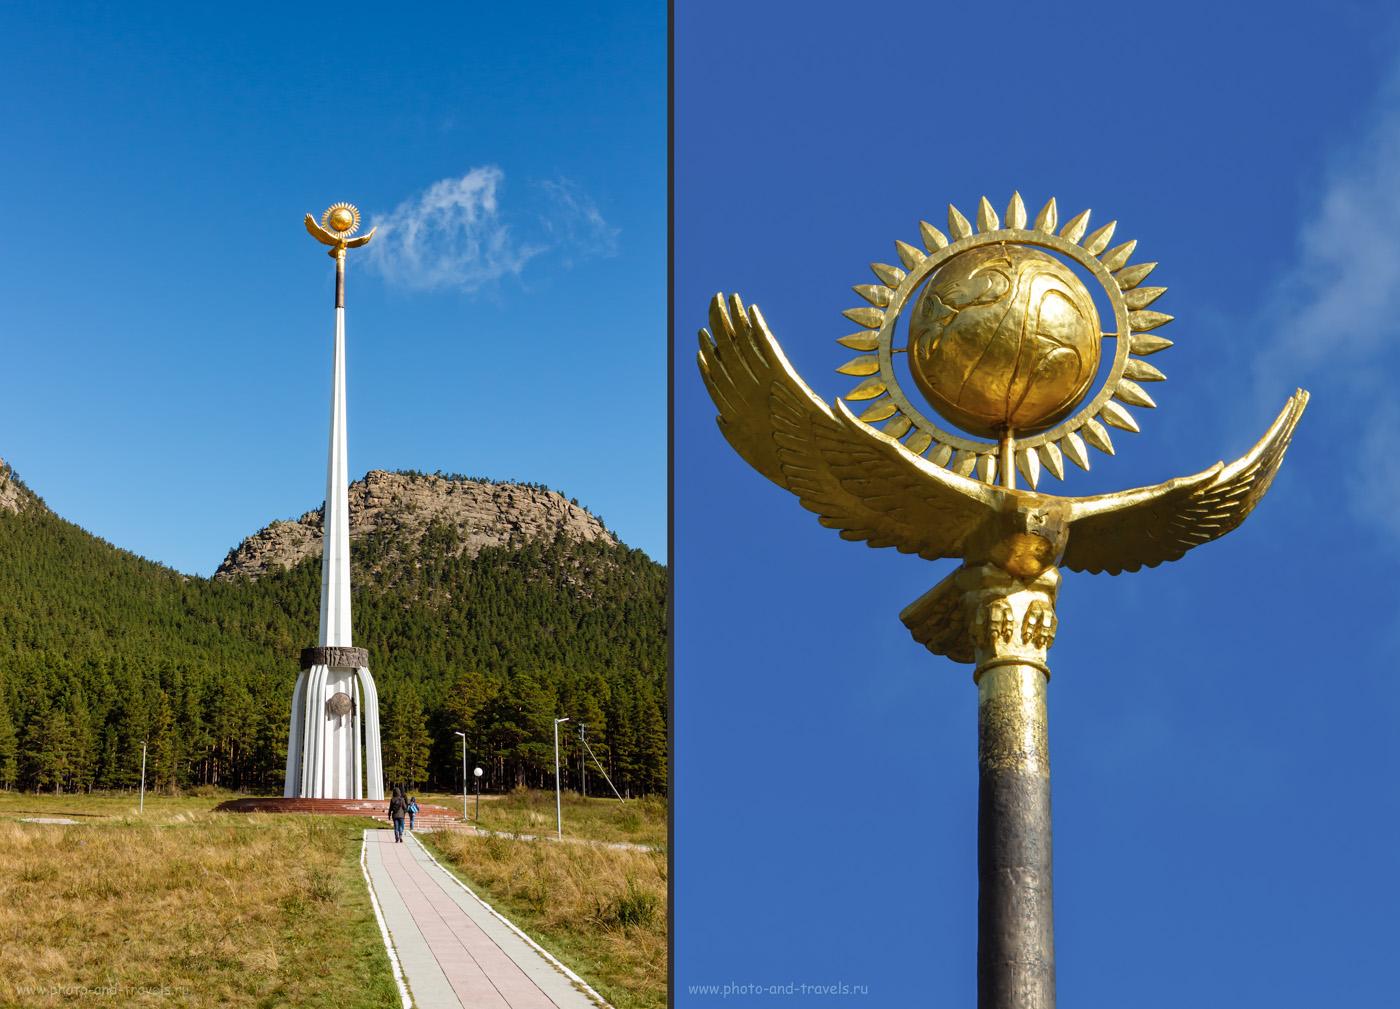 Фото 21. Стрела на поляне Абылай-хана в Бурабае. Достопримечательности, что можно посмотреть на отдыхе в Казахстане.